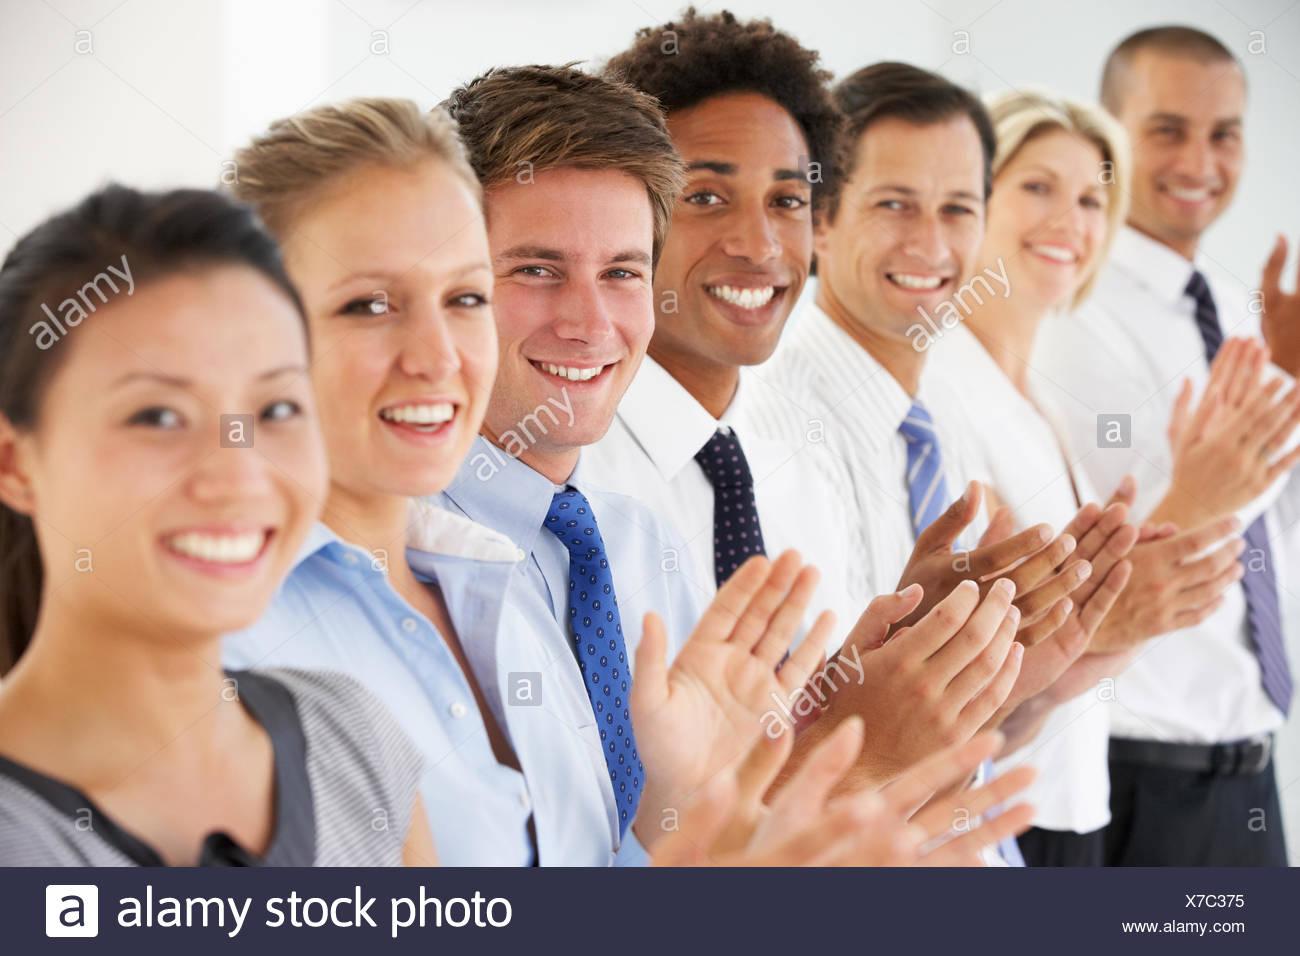 La linea di felice e positivo per le imprese la gente applaude Immagini Stock